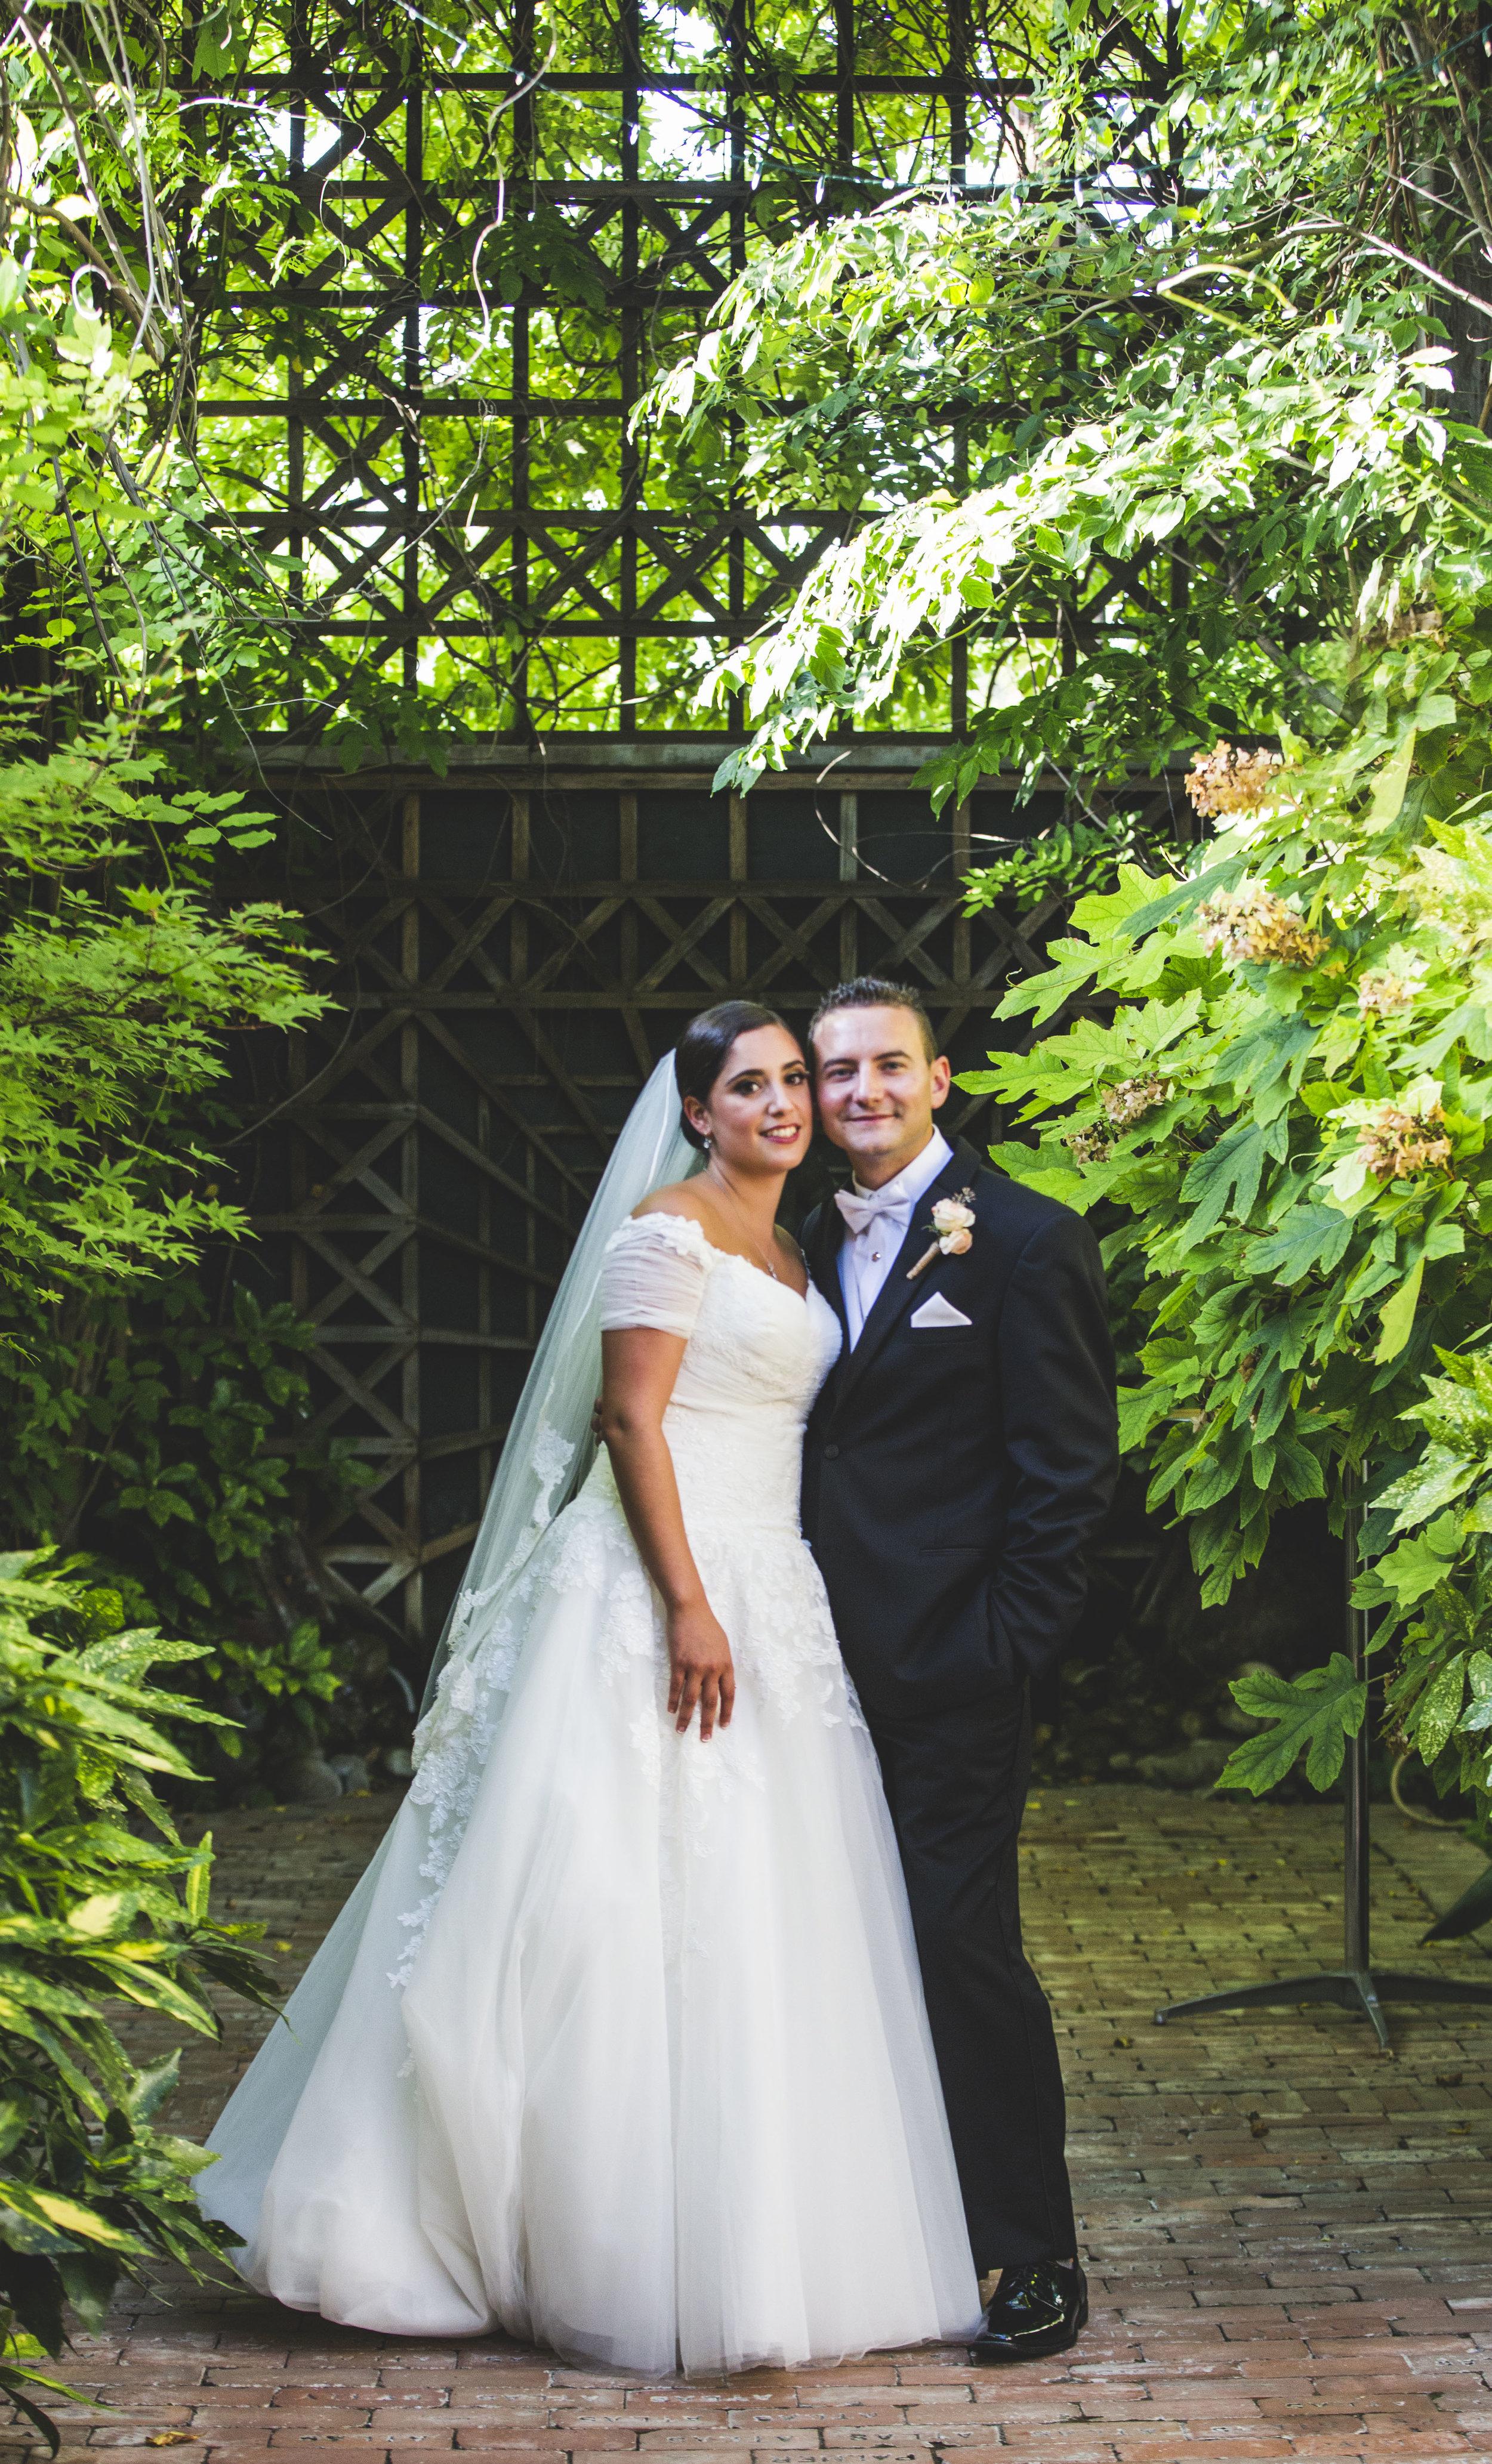 ATGI_Magali & Josh Wedding1__1.jpg